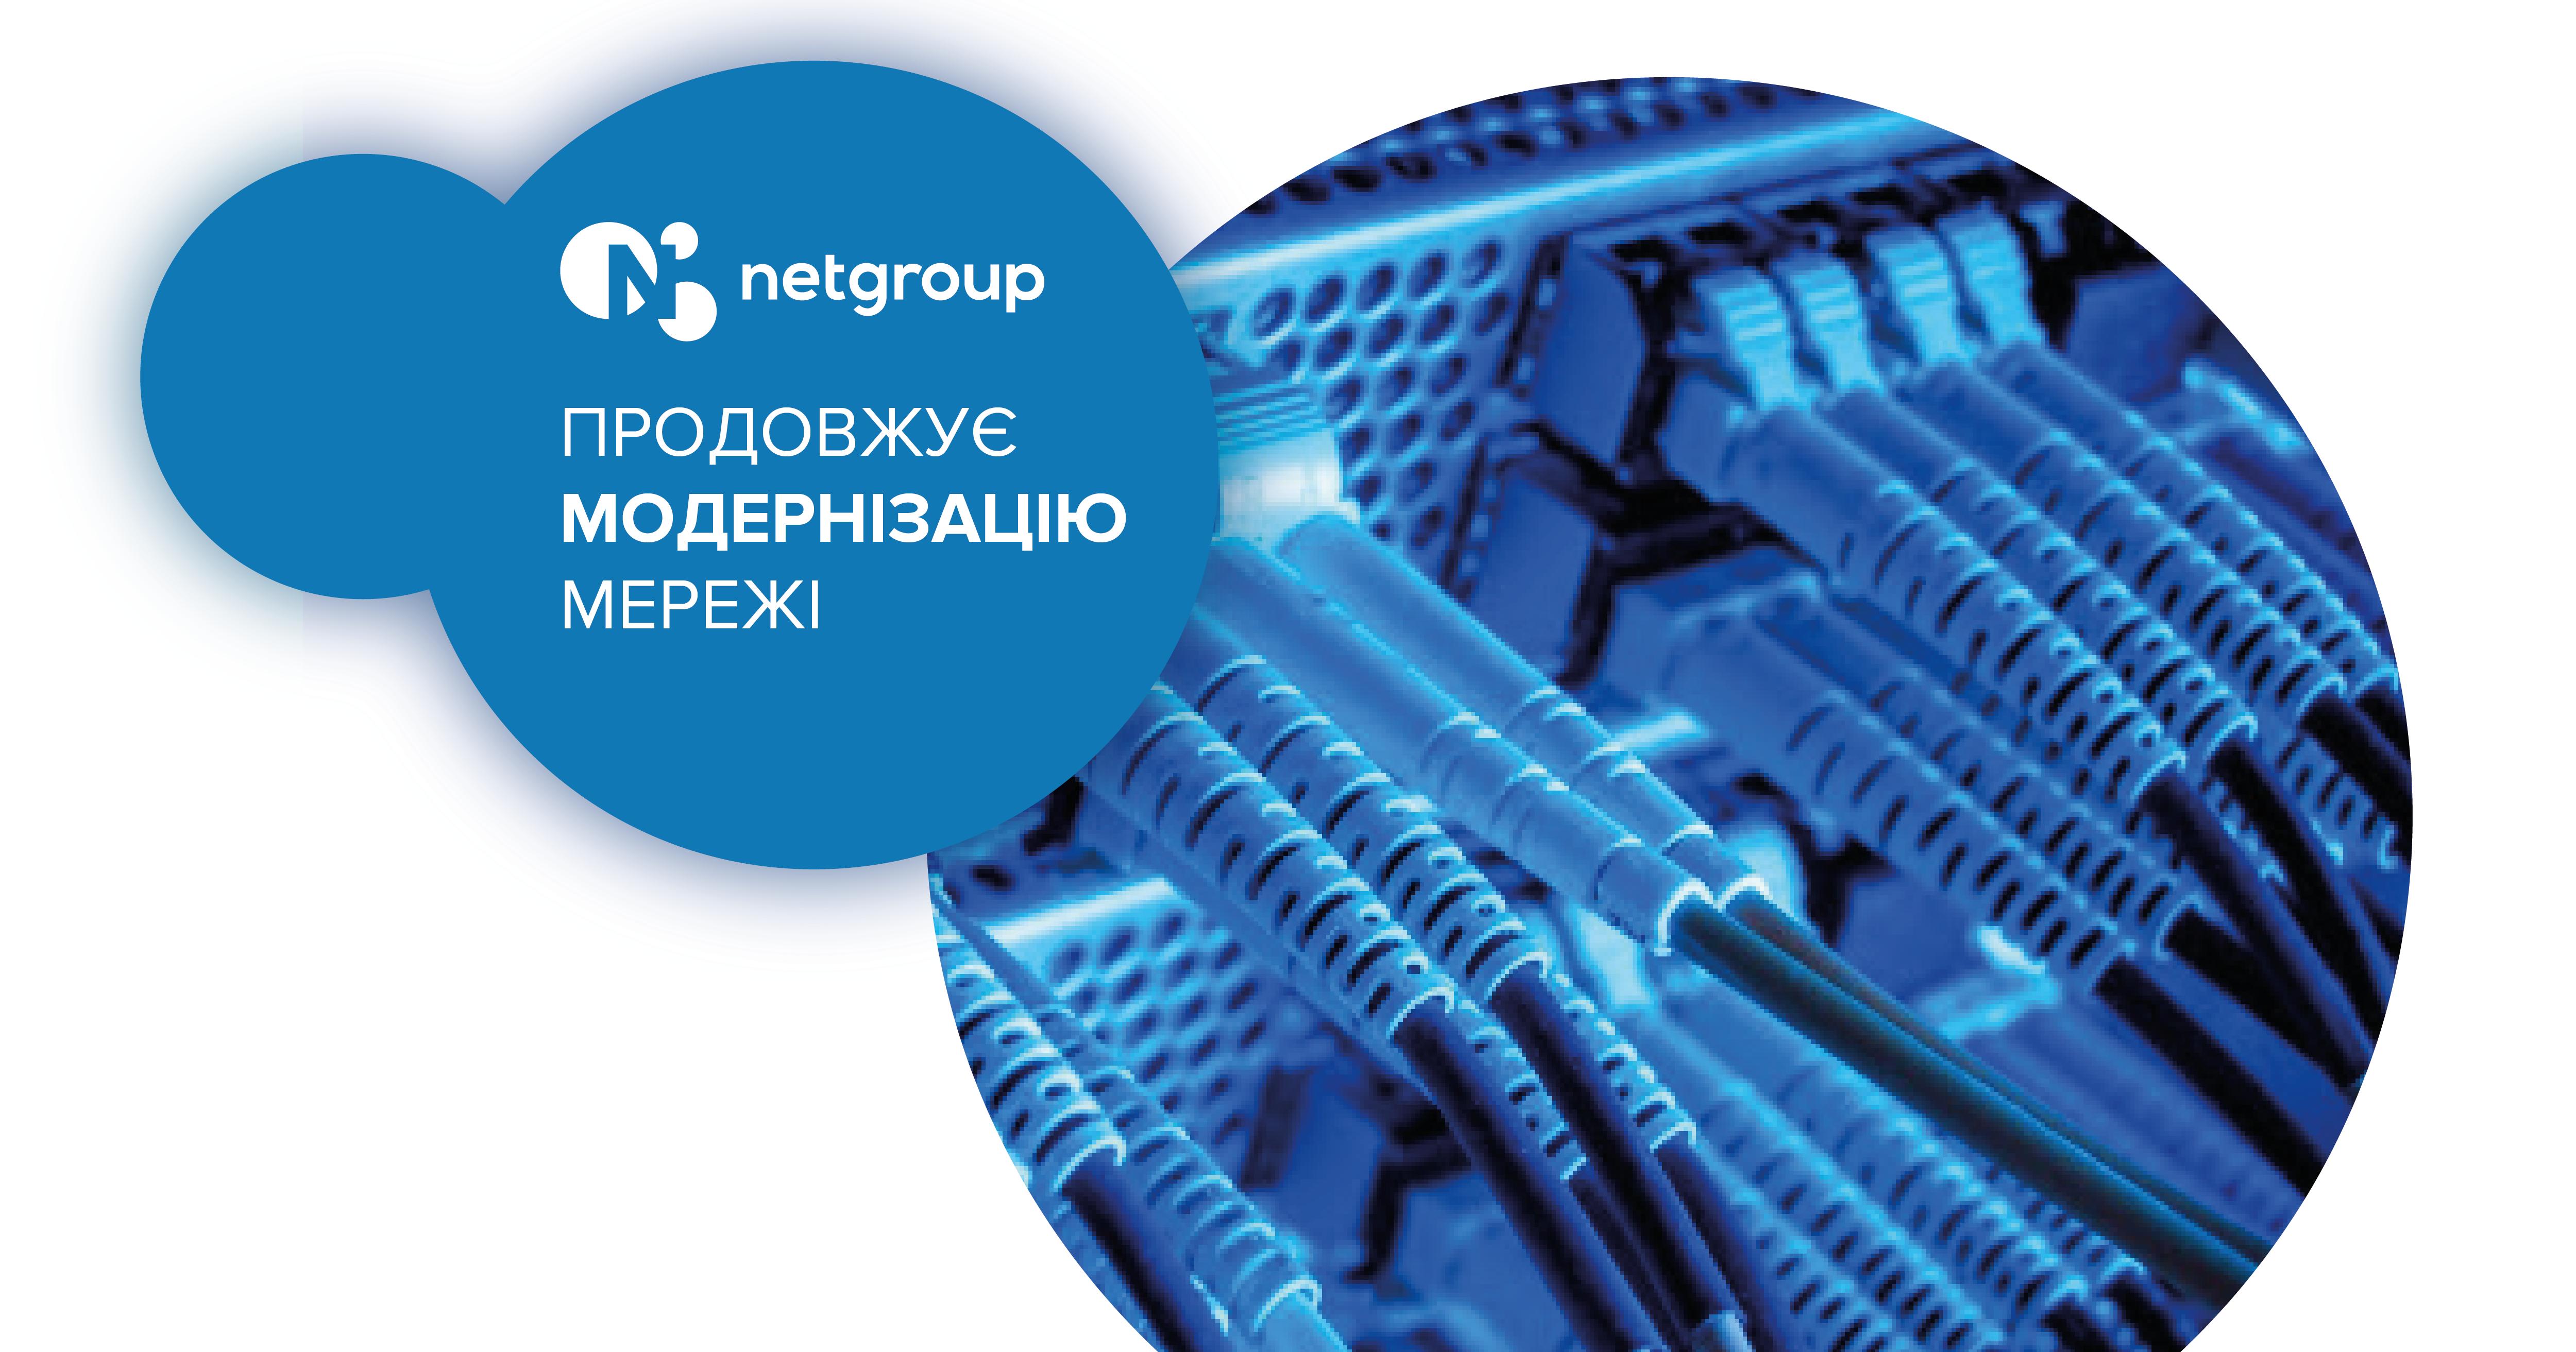 Netgroup – продовжує модернізацю мережі